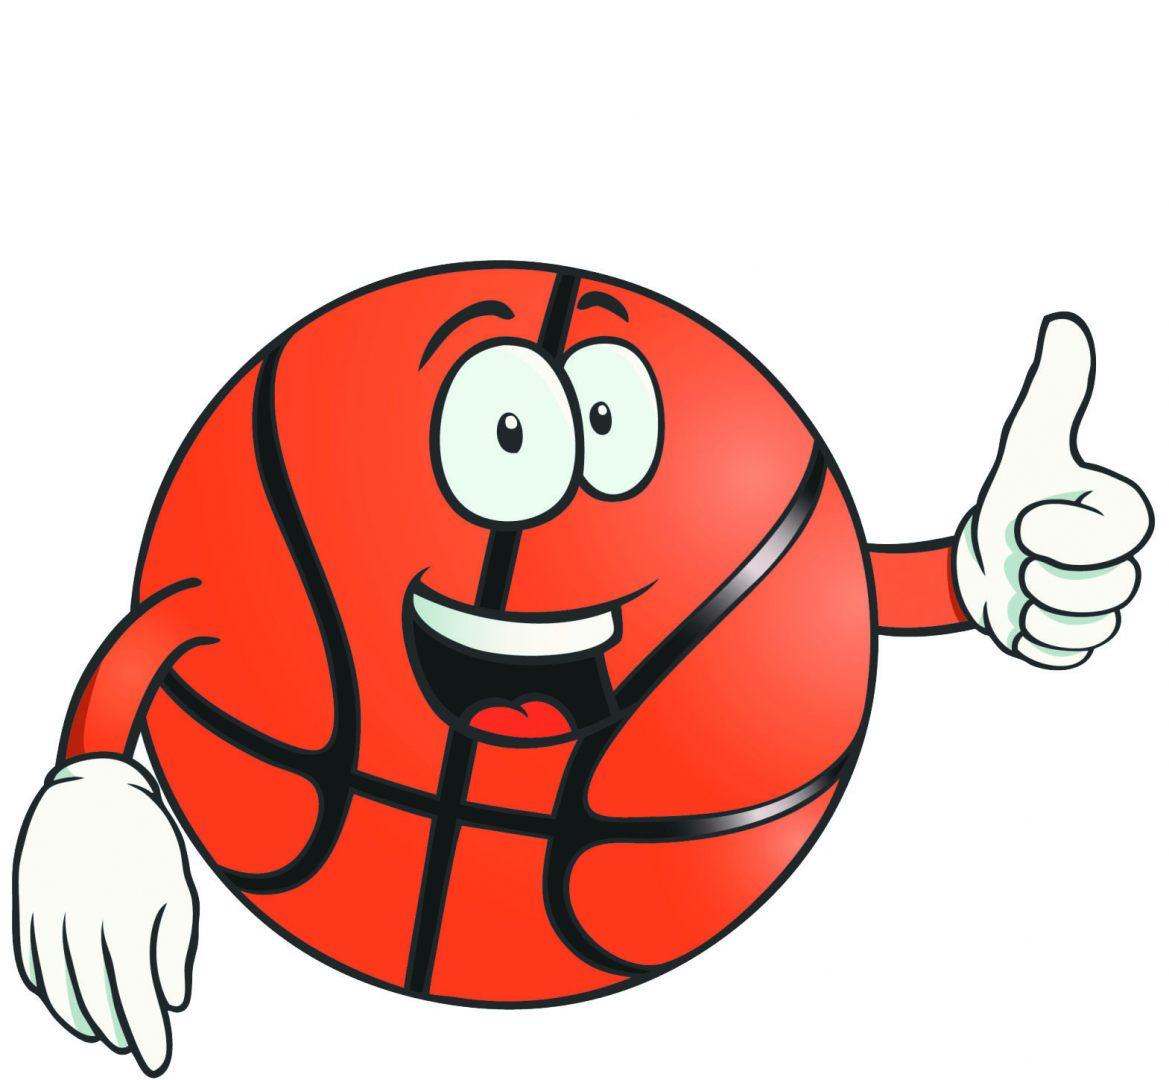 bola de basquetebol fotos e imagens